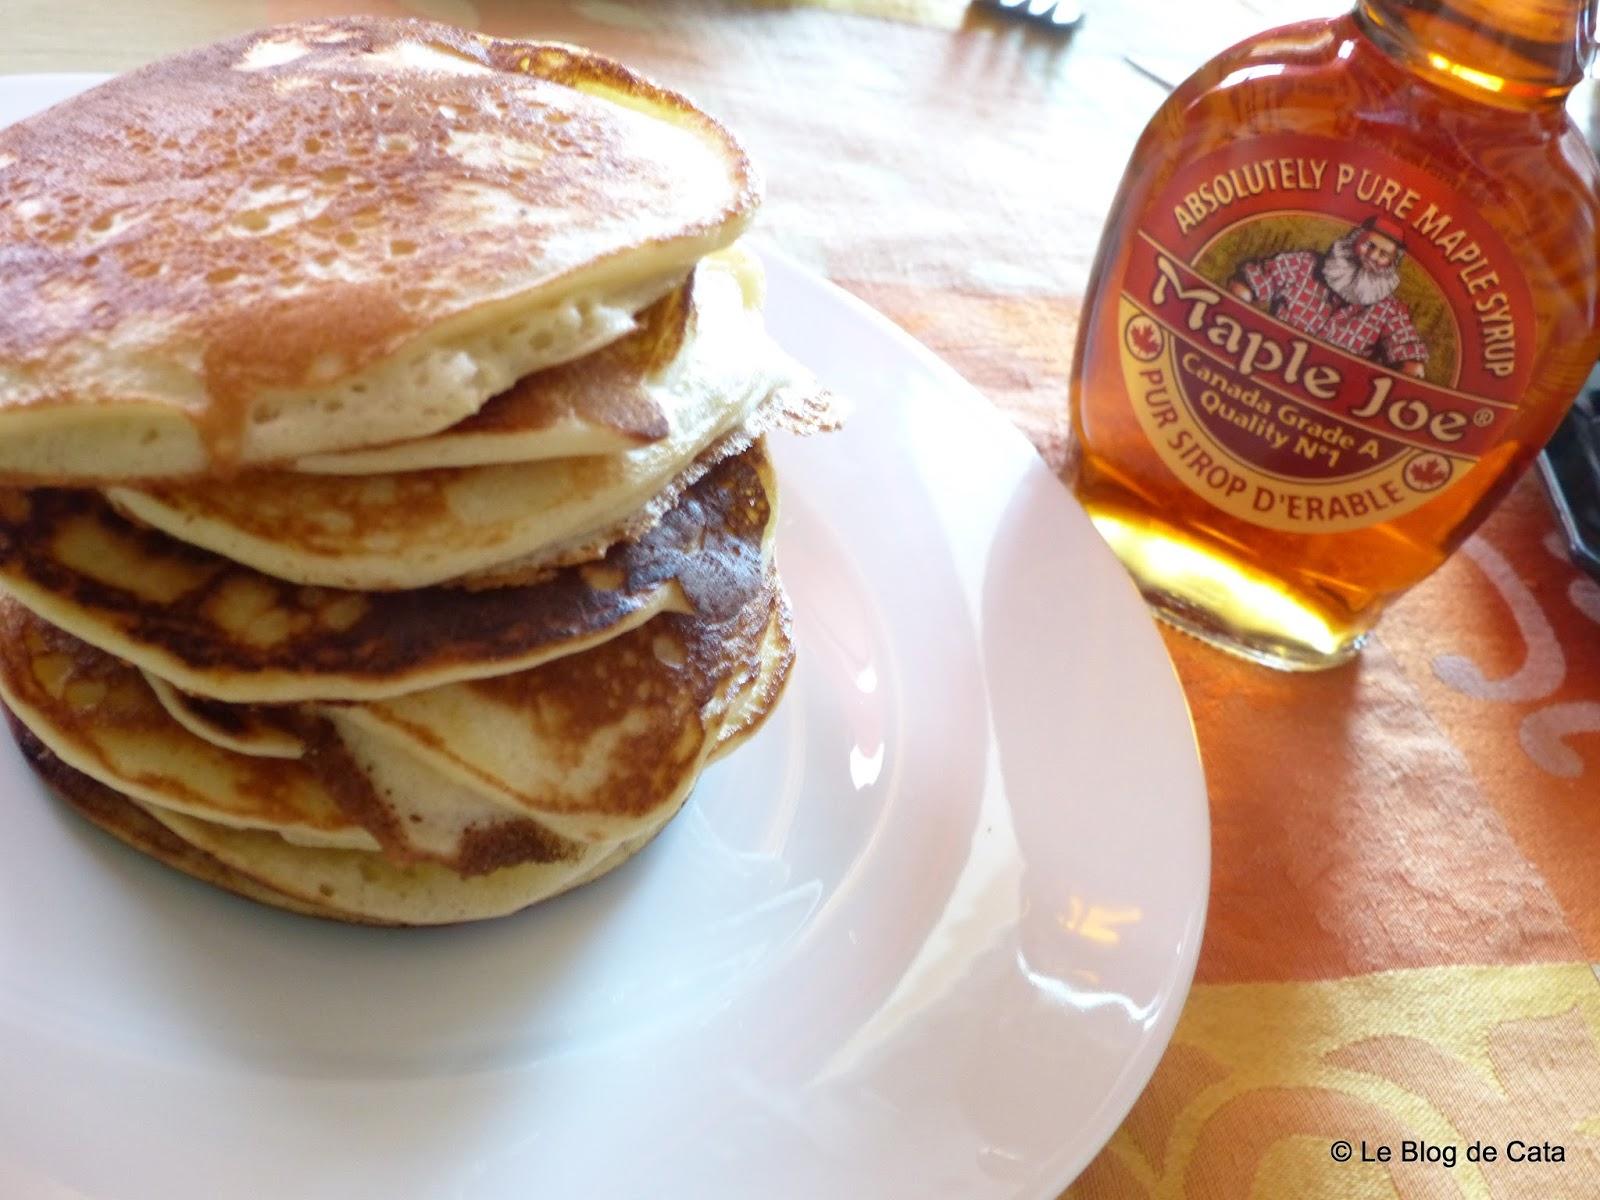 Le blog de Cata: Pancakes authentiques au sirop d'érable